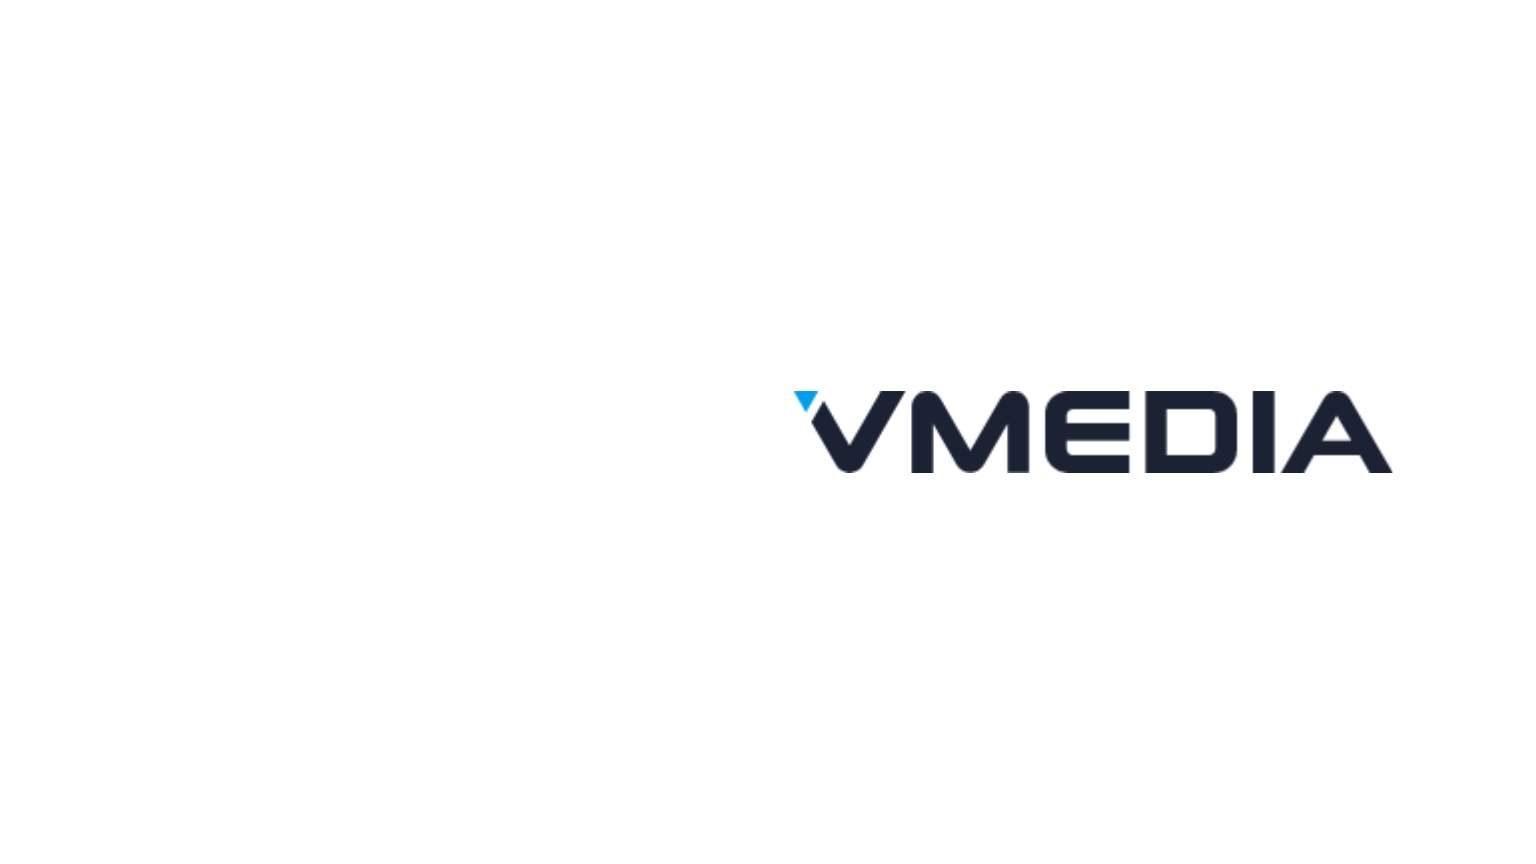 Vmedia